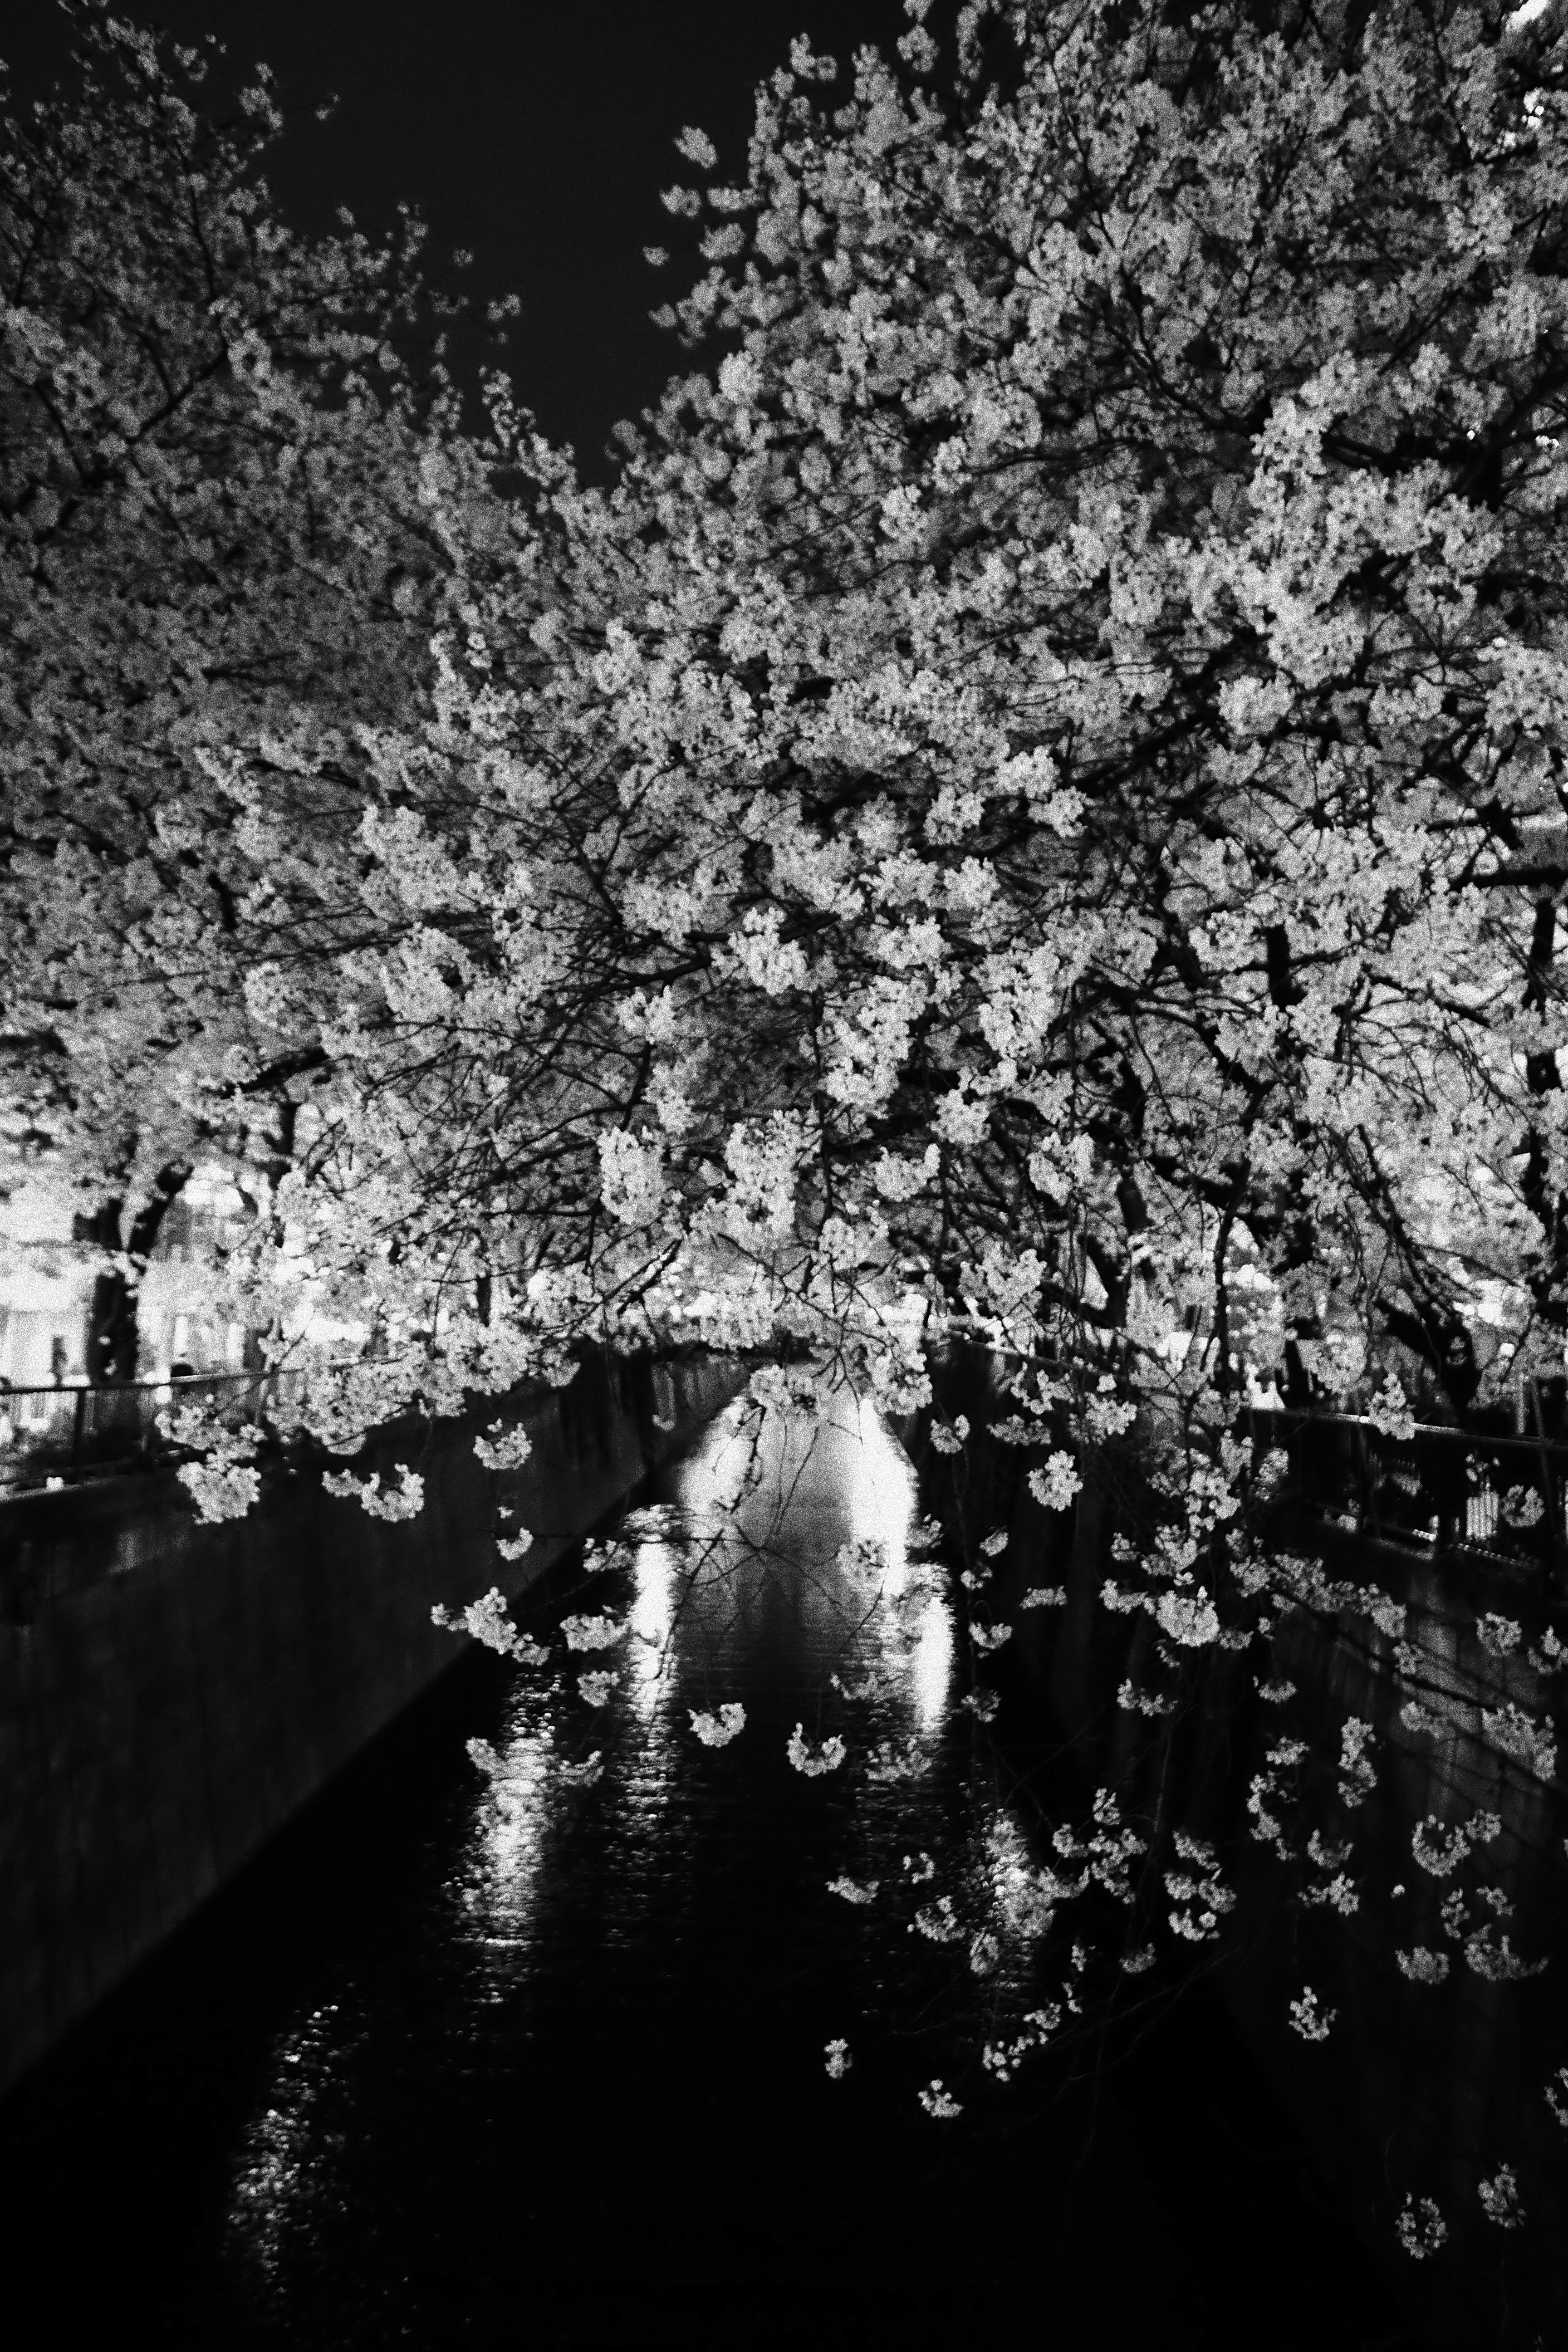 Fond D Ecran Japon Monochrome La Photographie Branche Fleur De